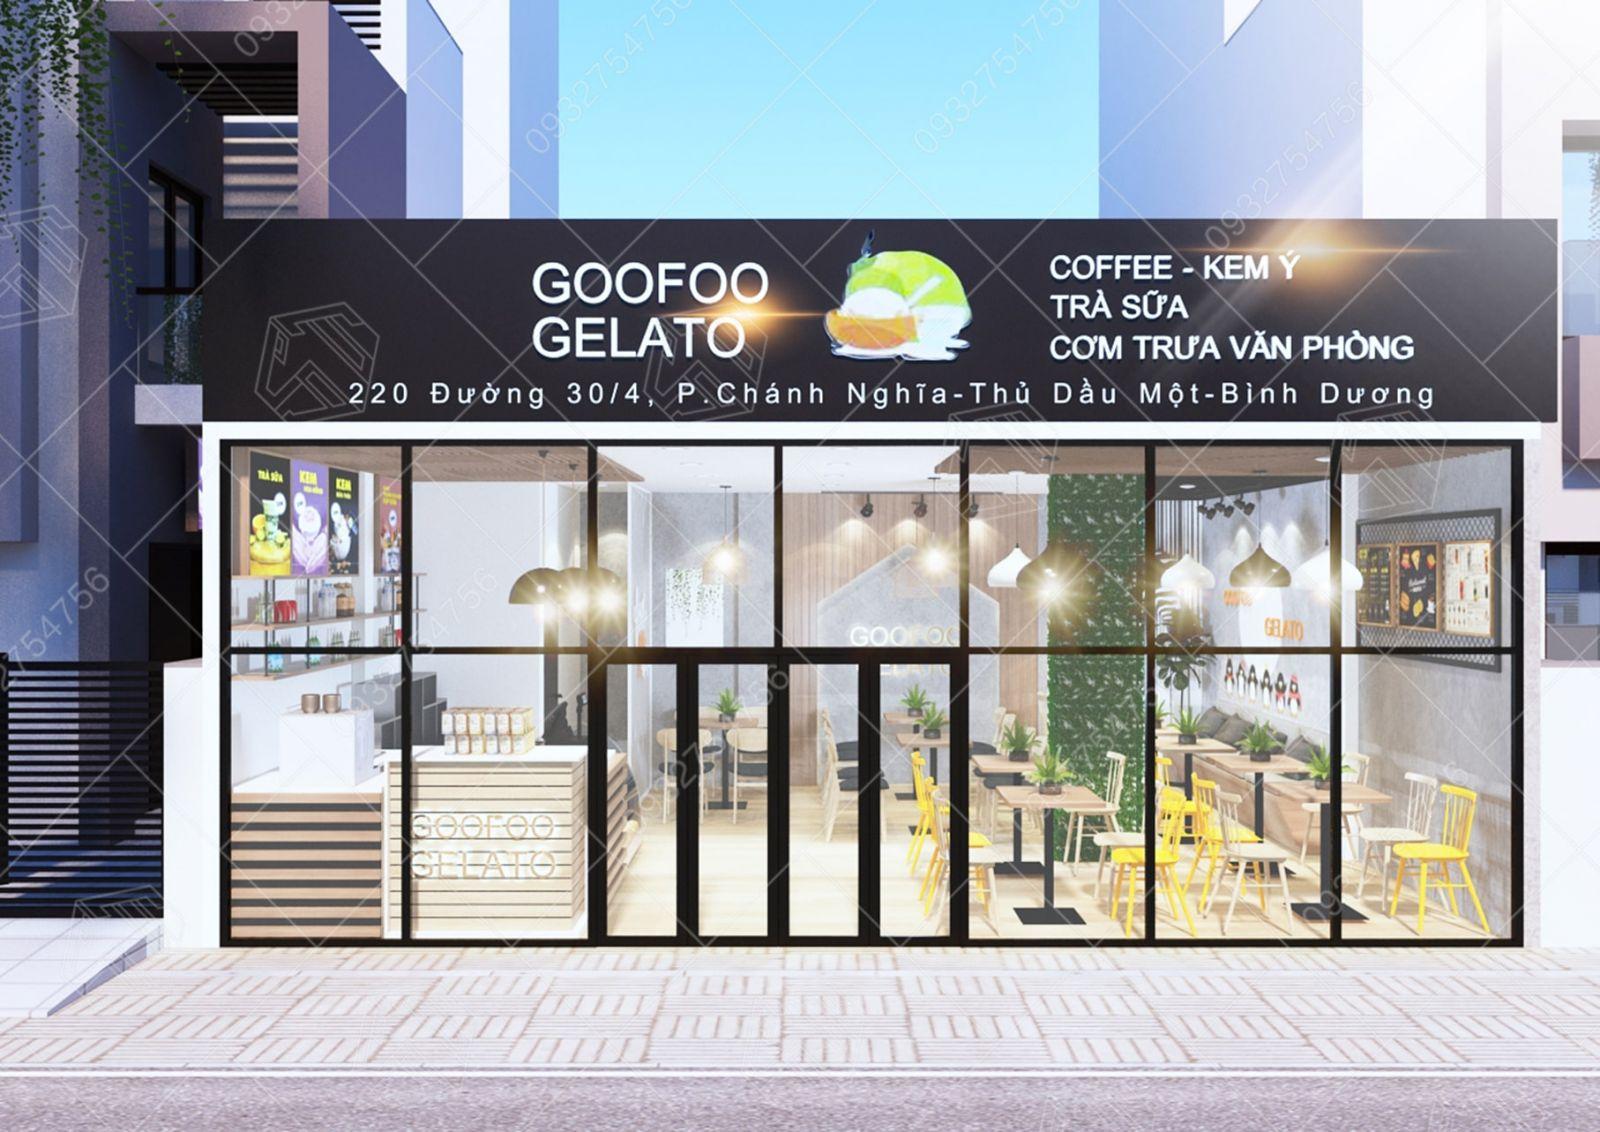 quán trà sữa - kem goofoo gelator